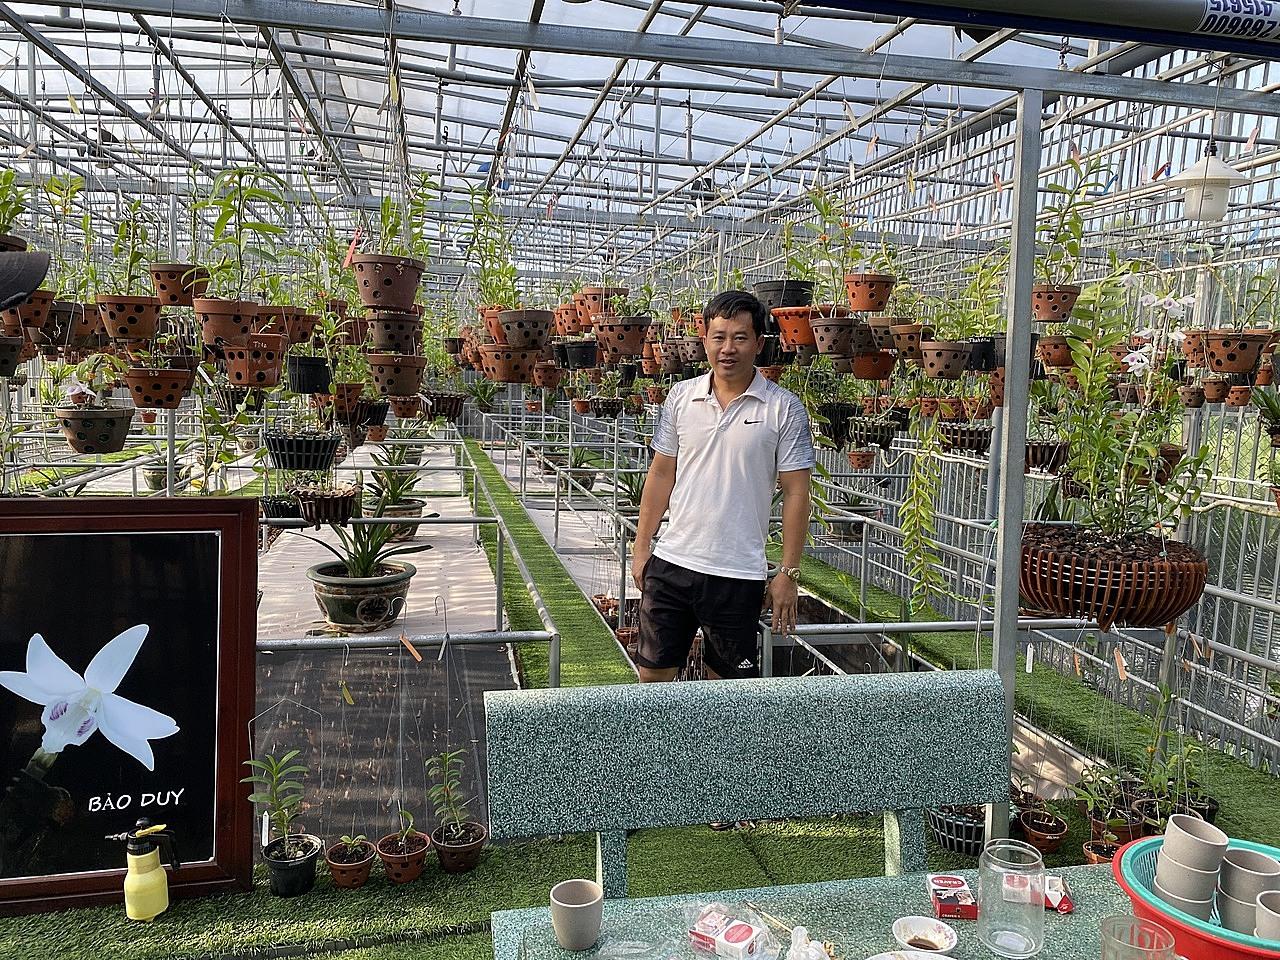 Vườn lan rộng lớn của anh Phạm Thăng Bằng với 10.000 giỏ, chậu cây.